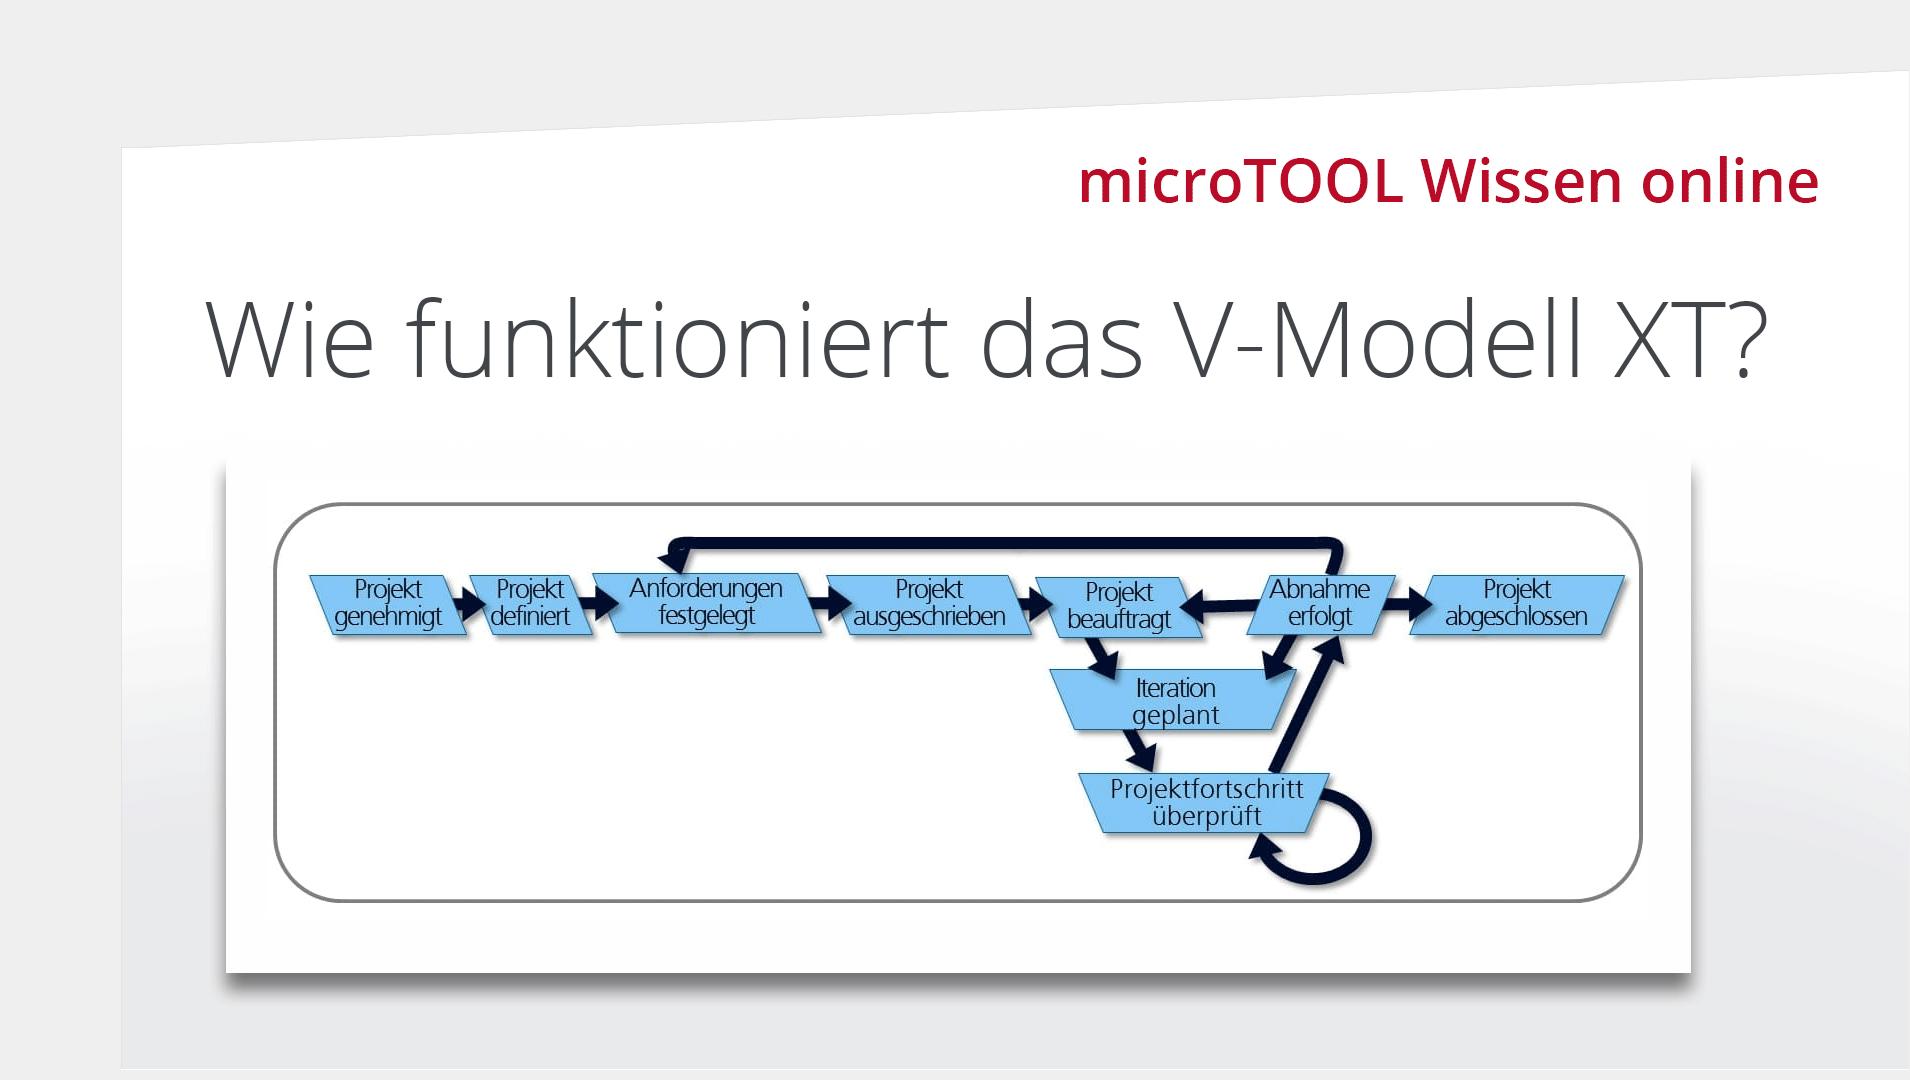 Wie funktioniert das V-Modell XT?